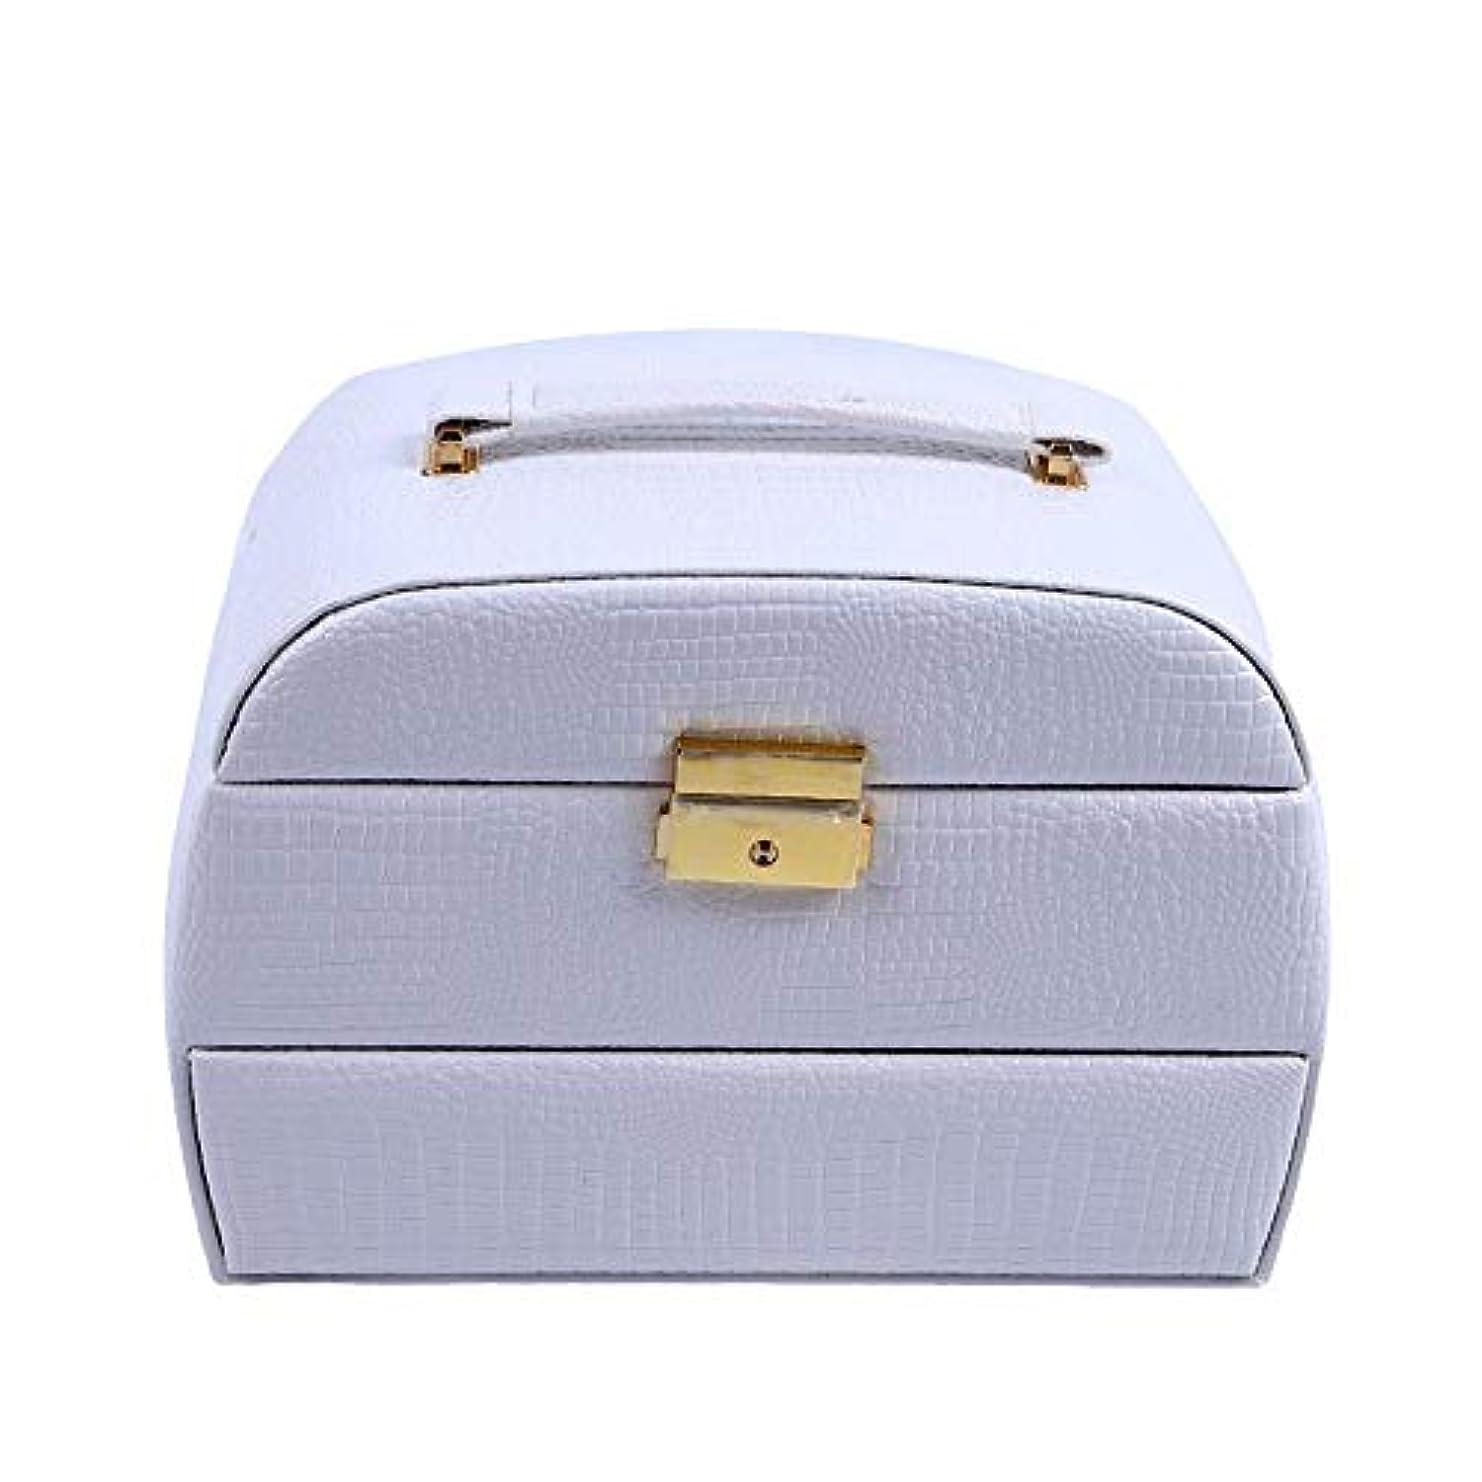 幾何学回る十二化粧オーガナイザーバッグ 美容メイクアップのための大容量ポータブル化粧ケース、女性化粧ミラー付きのロック付き女性旅行と毎日の保管 化粧品ケース